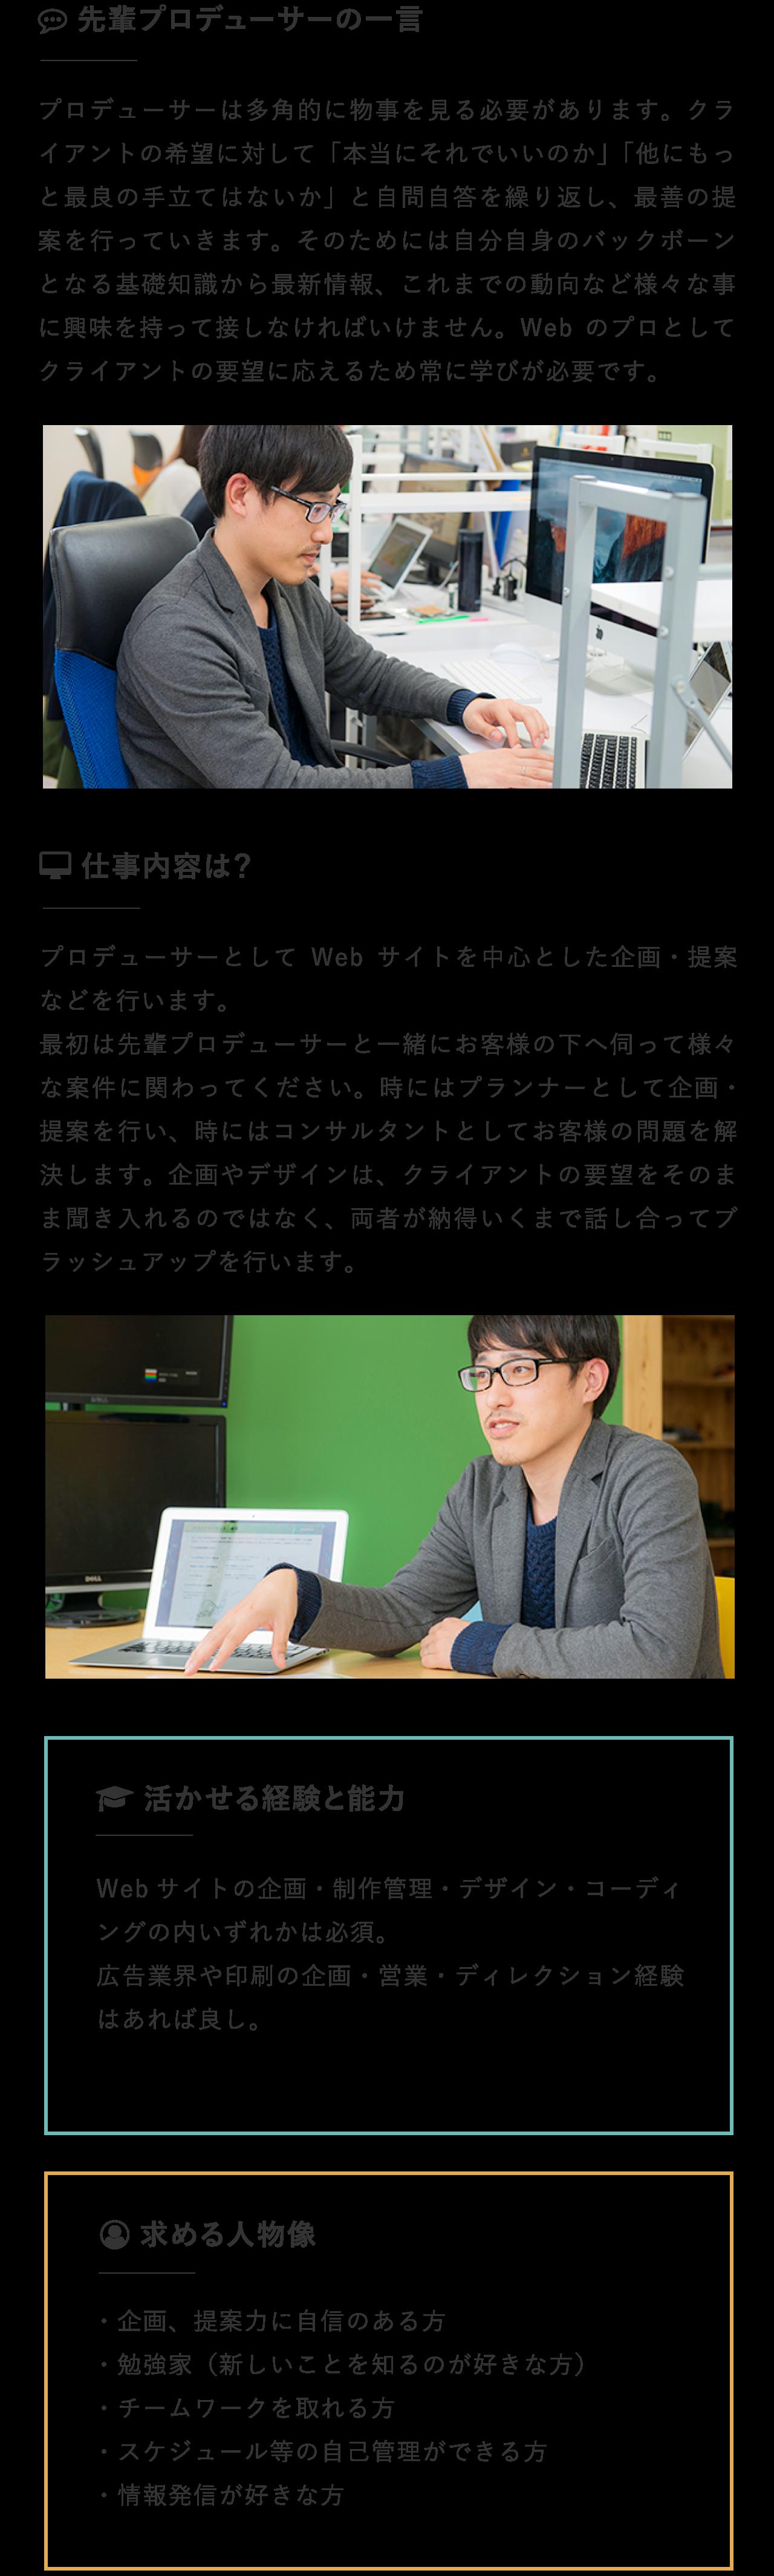 Webプロデューサーとは